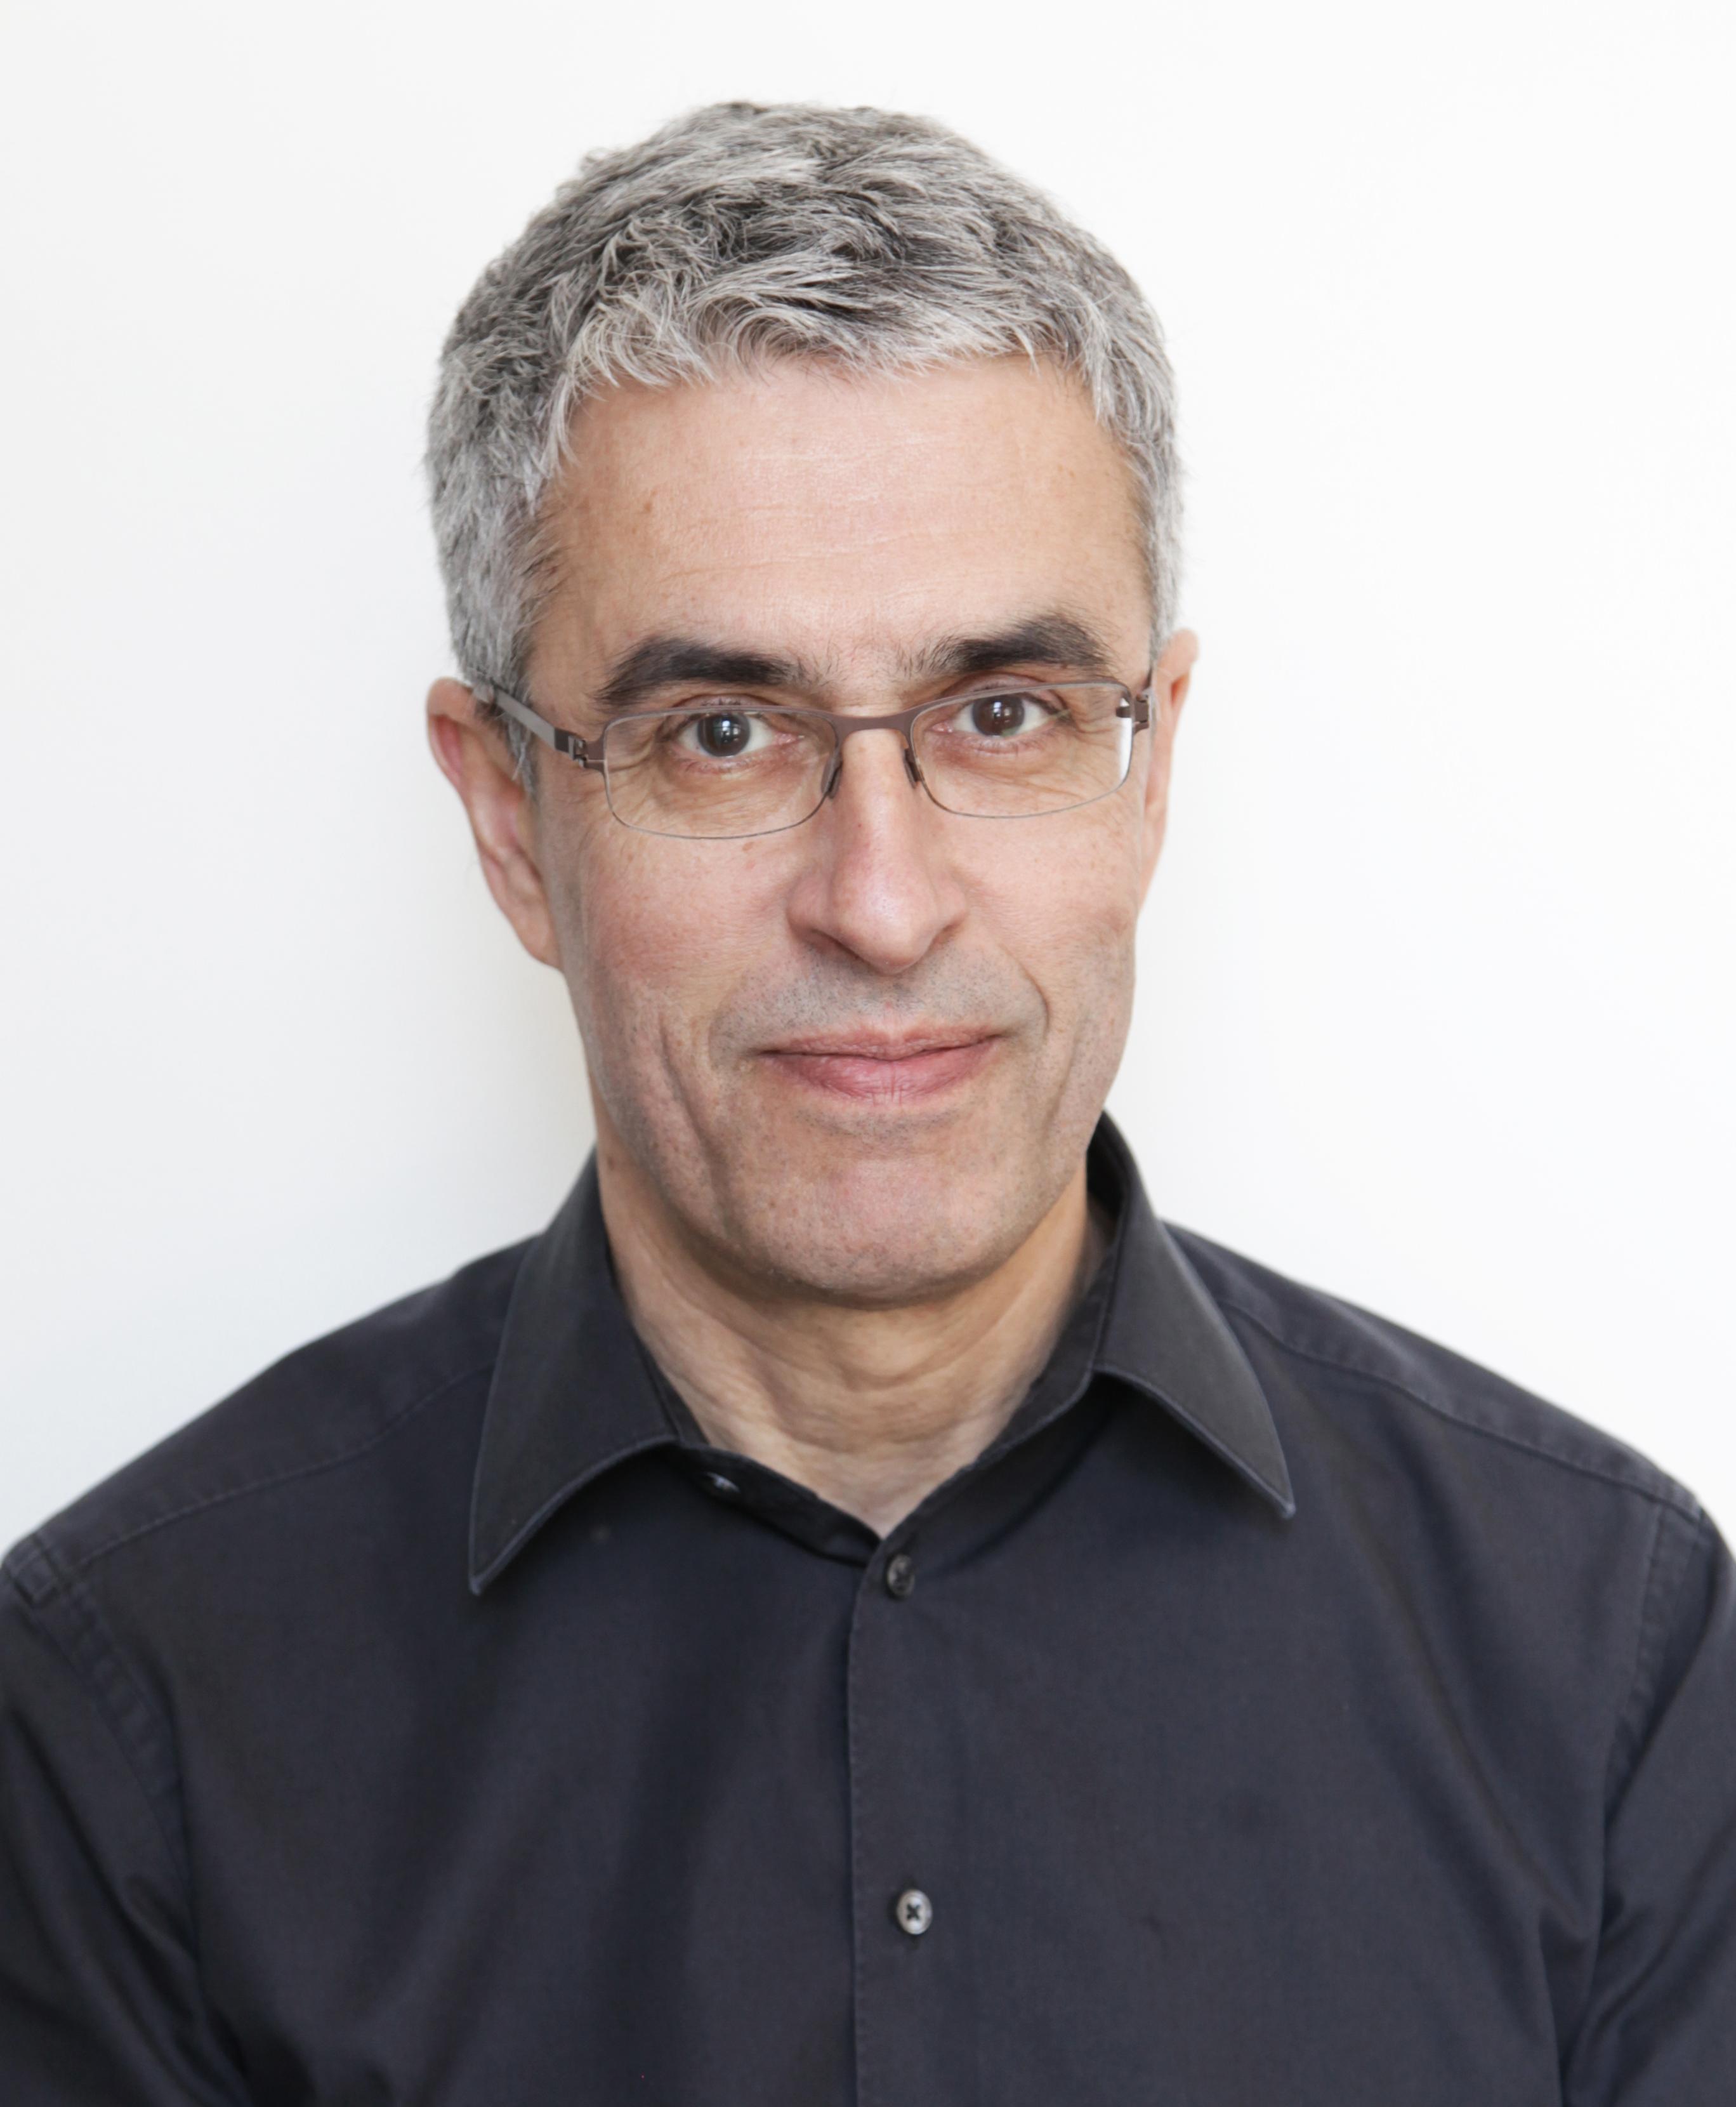 Stefan Blach